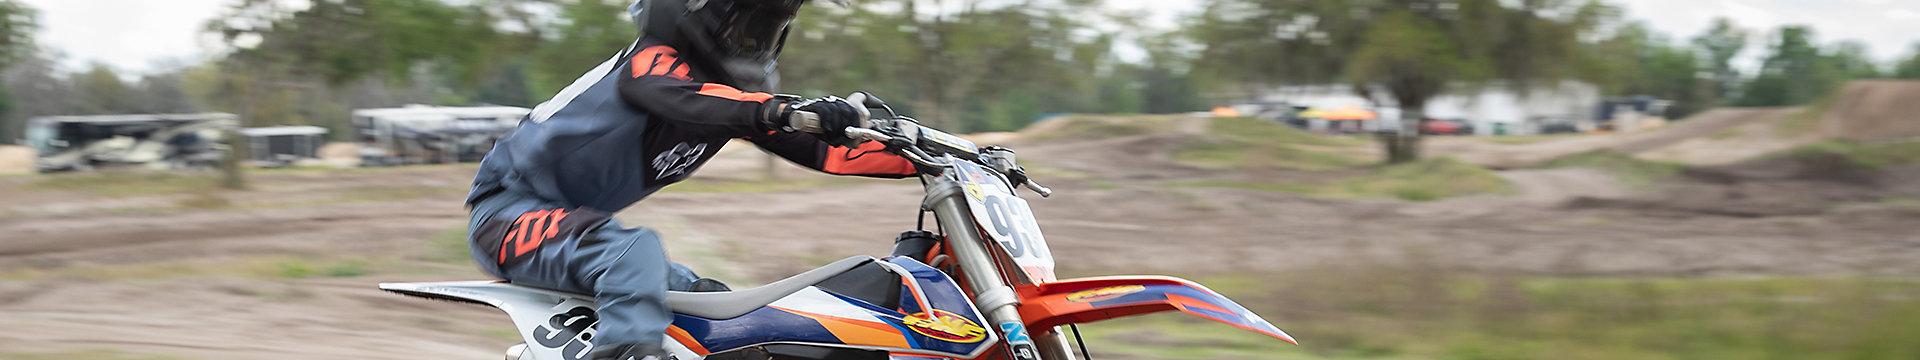 Maillots Fox Motocross